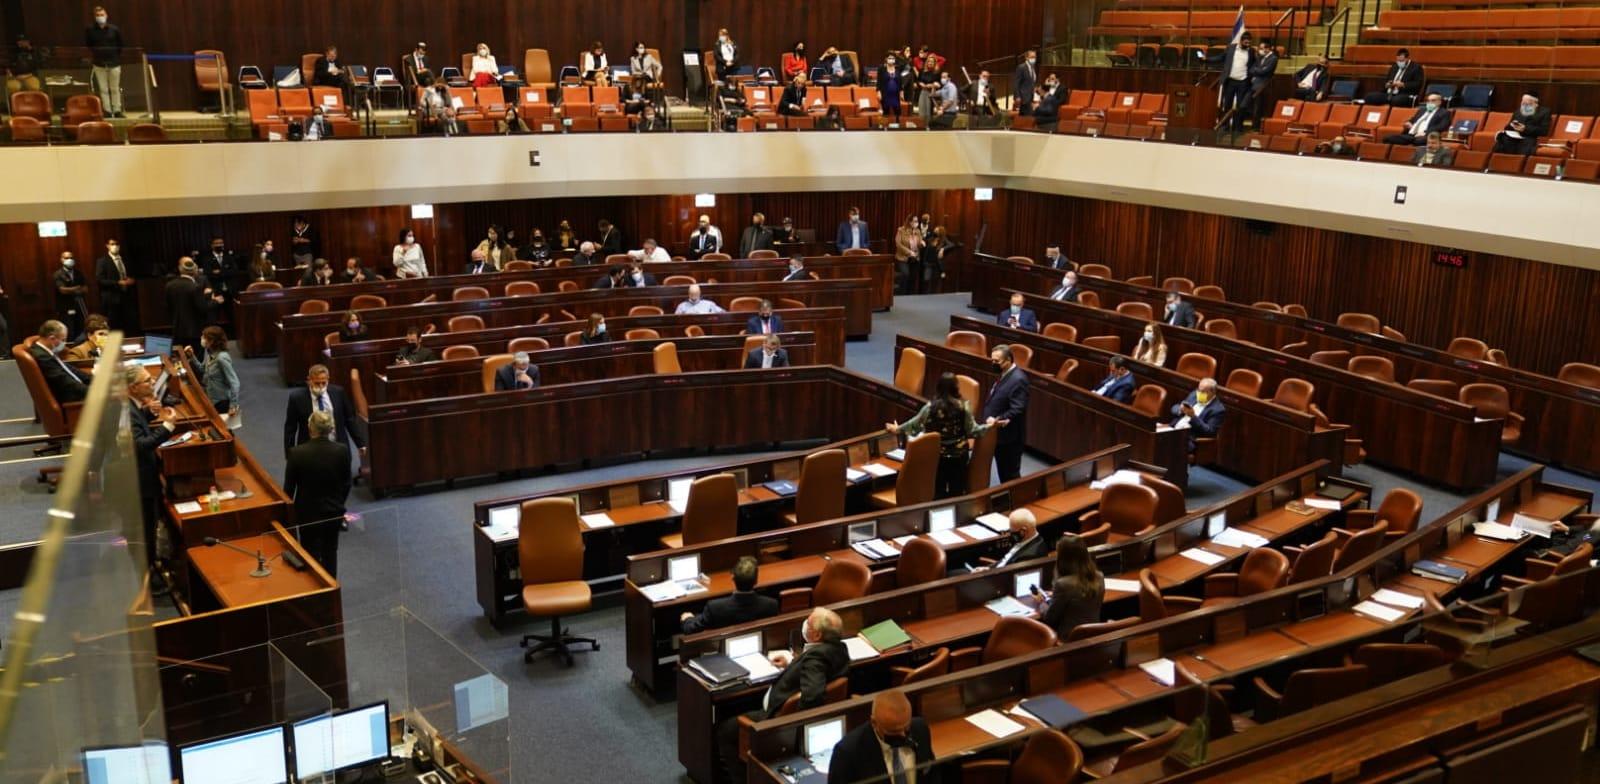 הצעות החוק לפיזור הכנסת צפויות לעלות בדקות הקרובות / צילום: דני שם טוב - דוברות הכנסת